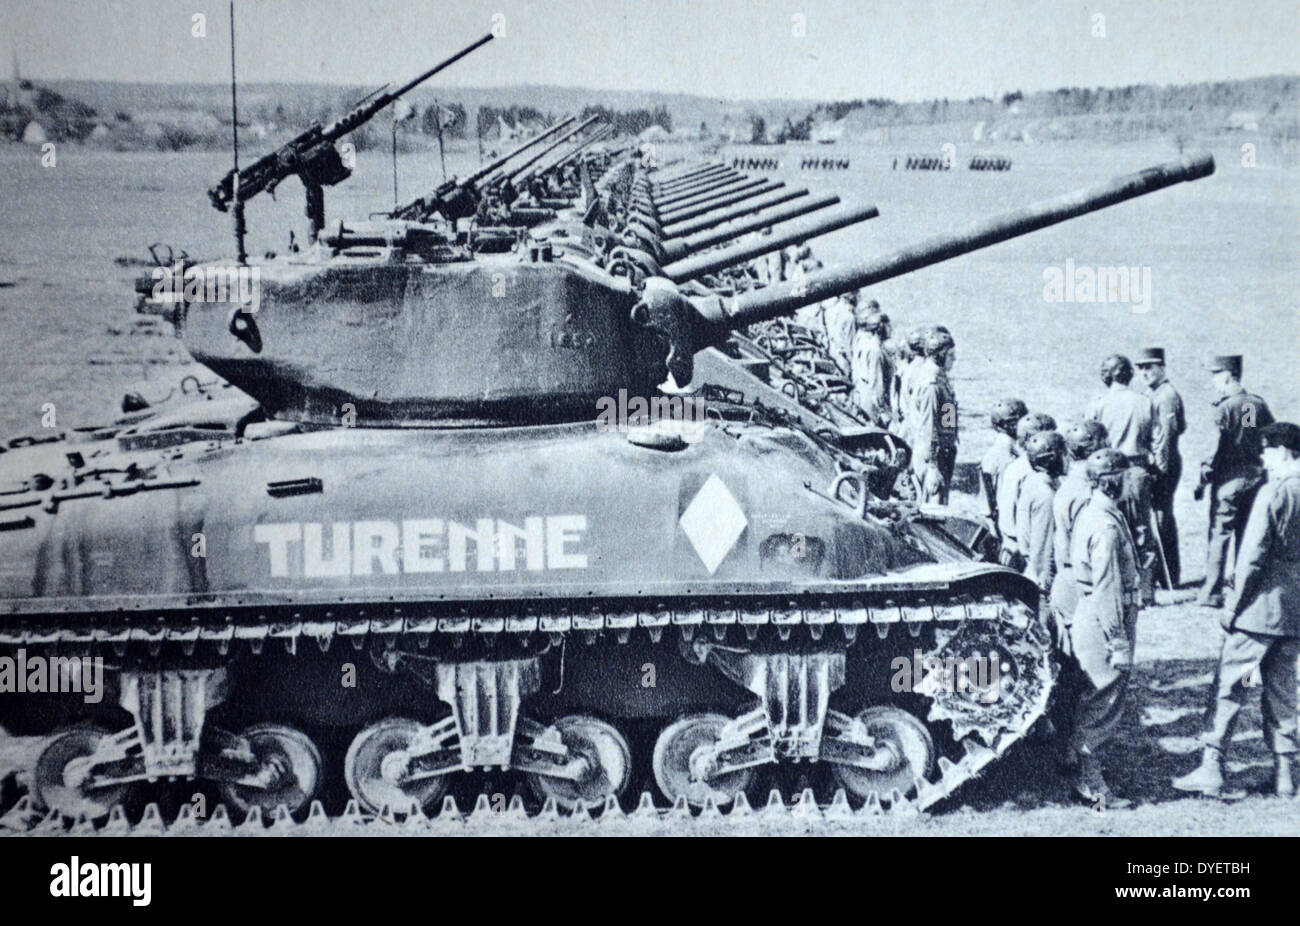 german tanks france stockfotos german tanks france bilder alamy. Black Bedroom Furniture Sets. Home Design Ideas